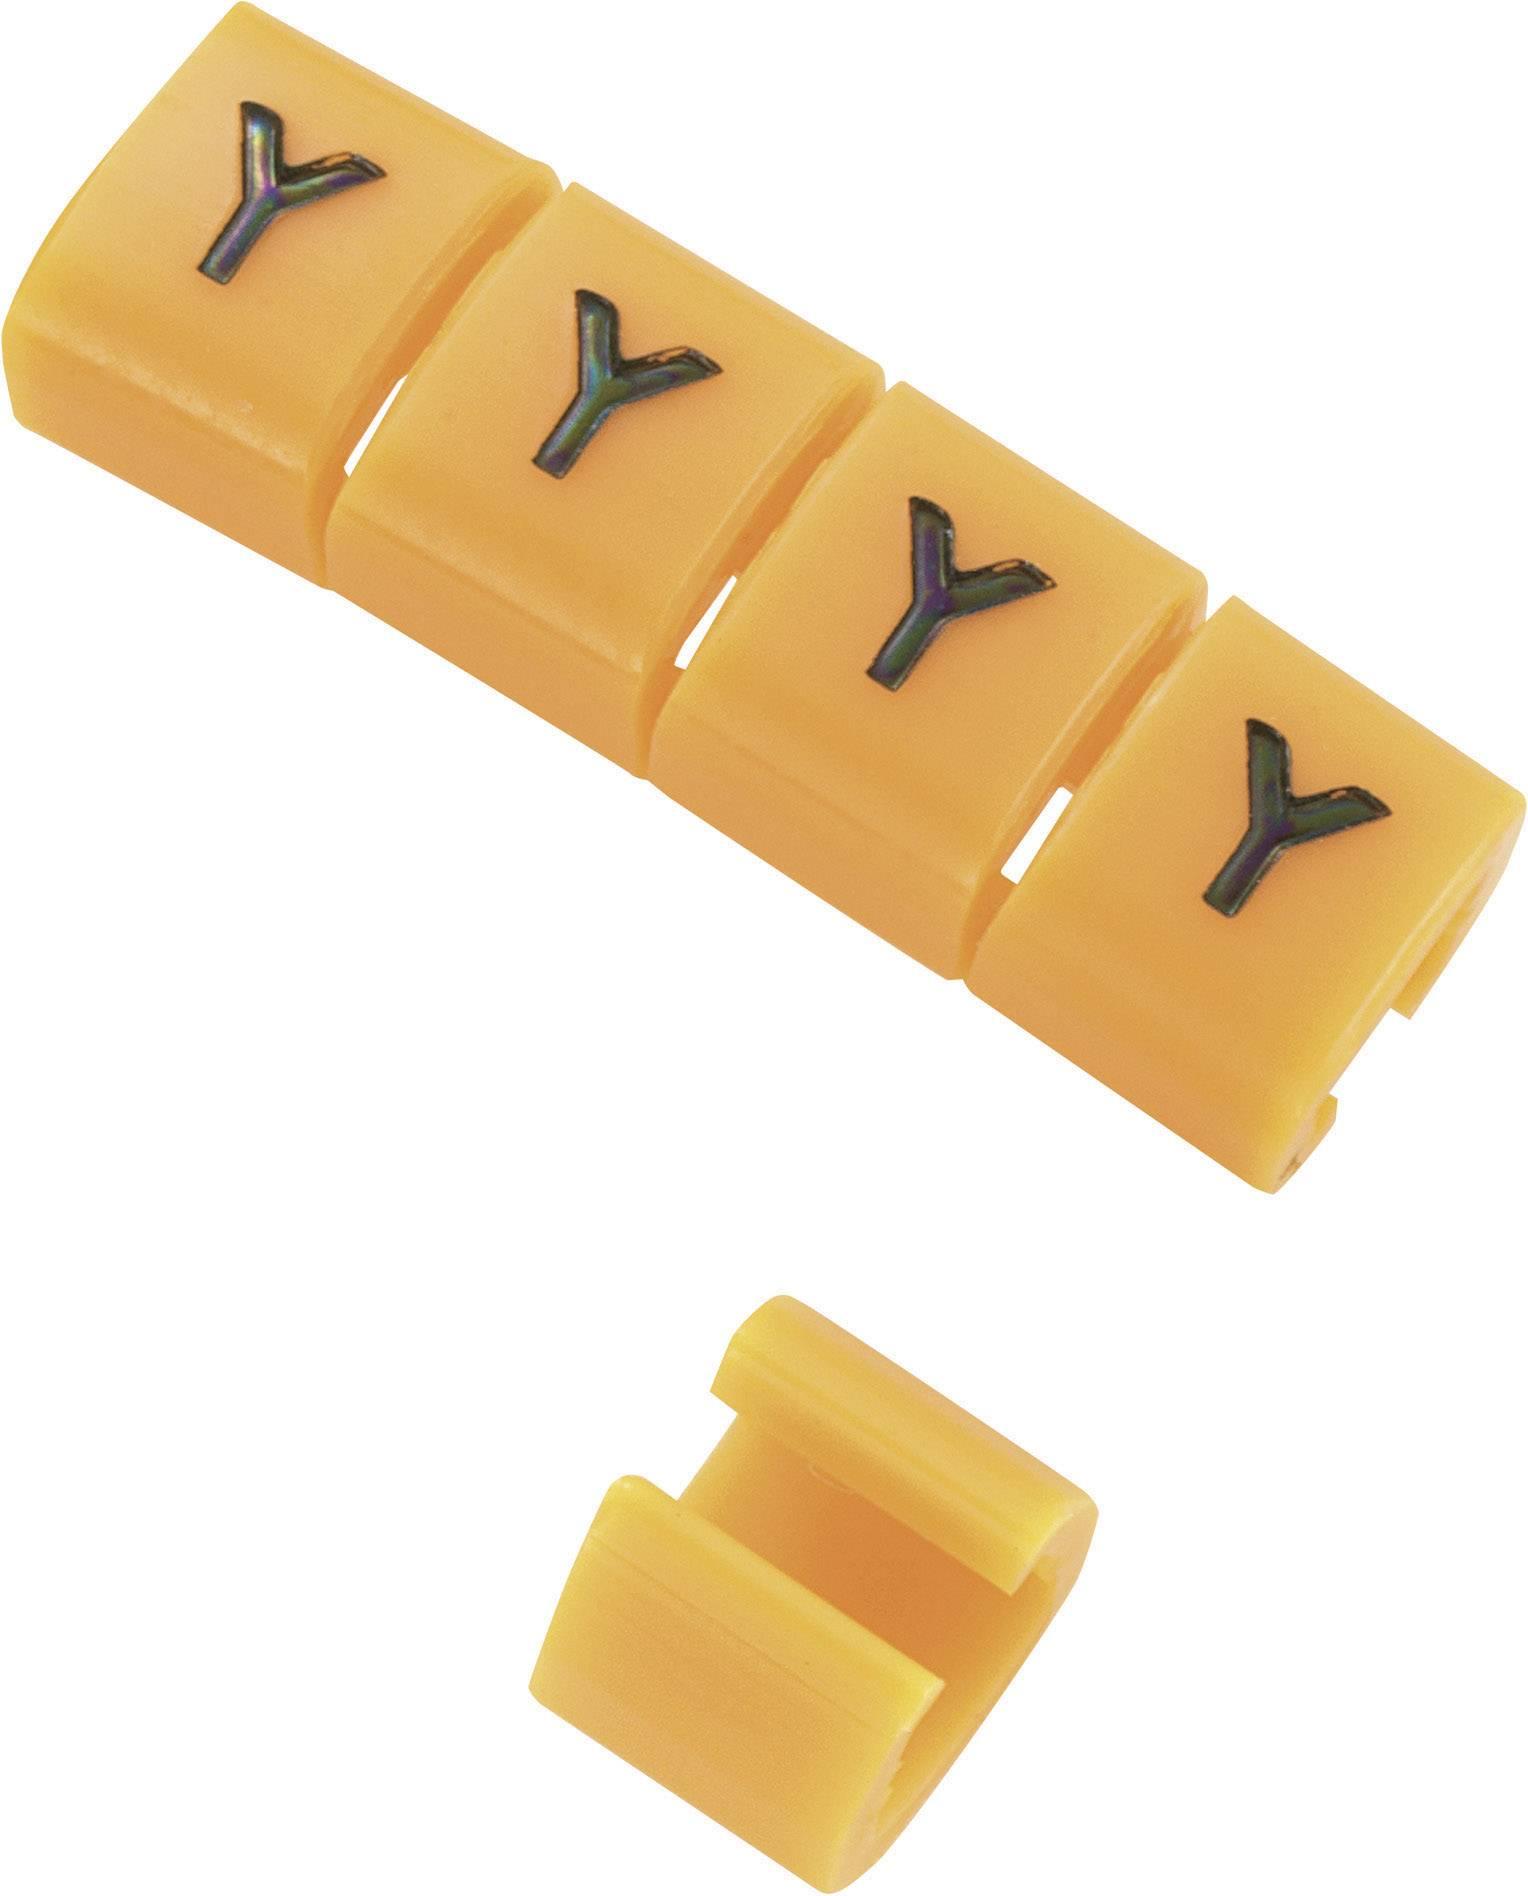 Označovacie objímka na káble KSS MB2/B, oranžová, 10 ks